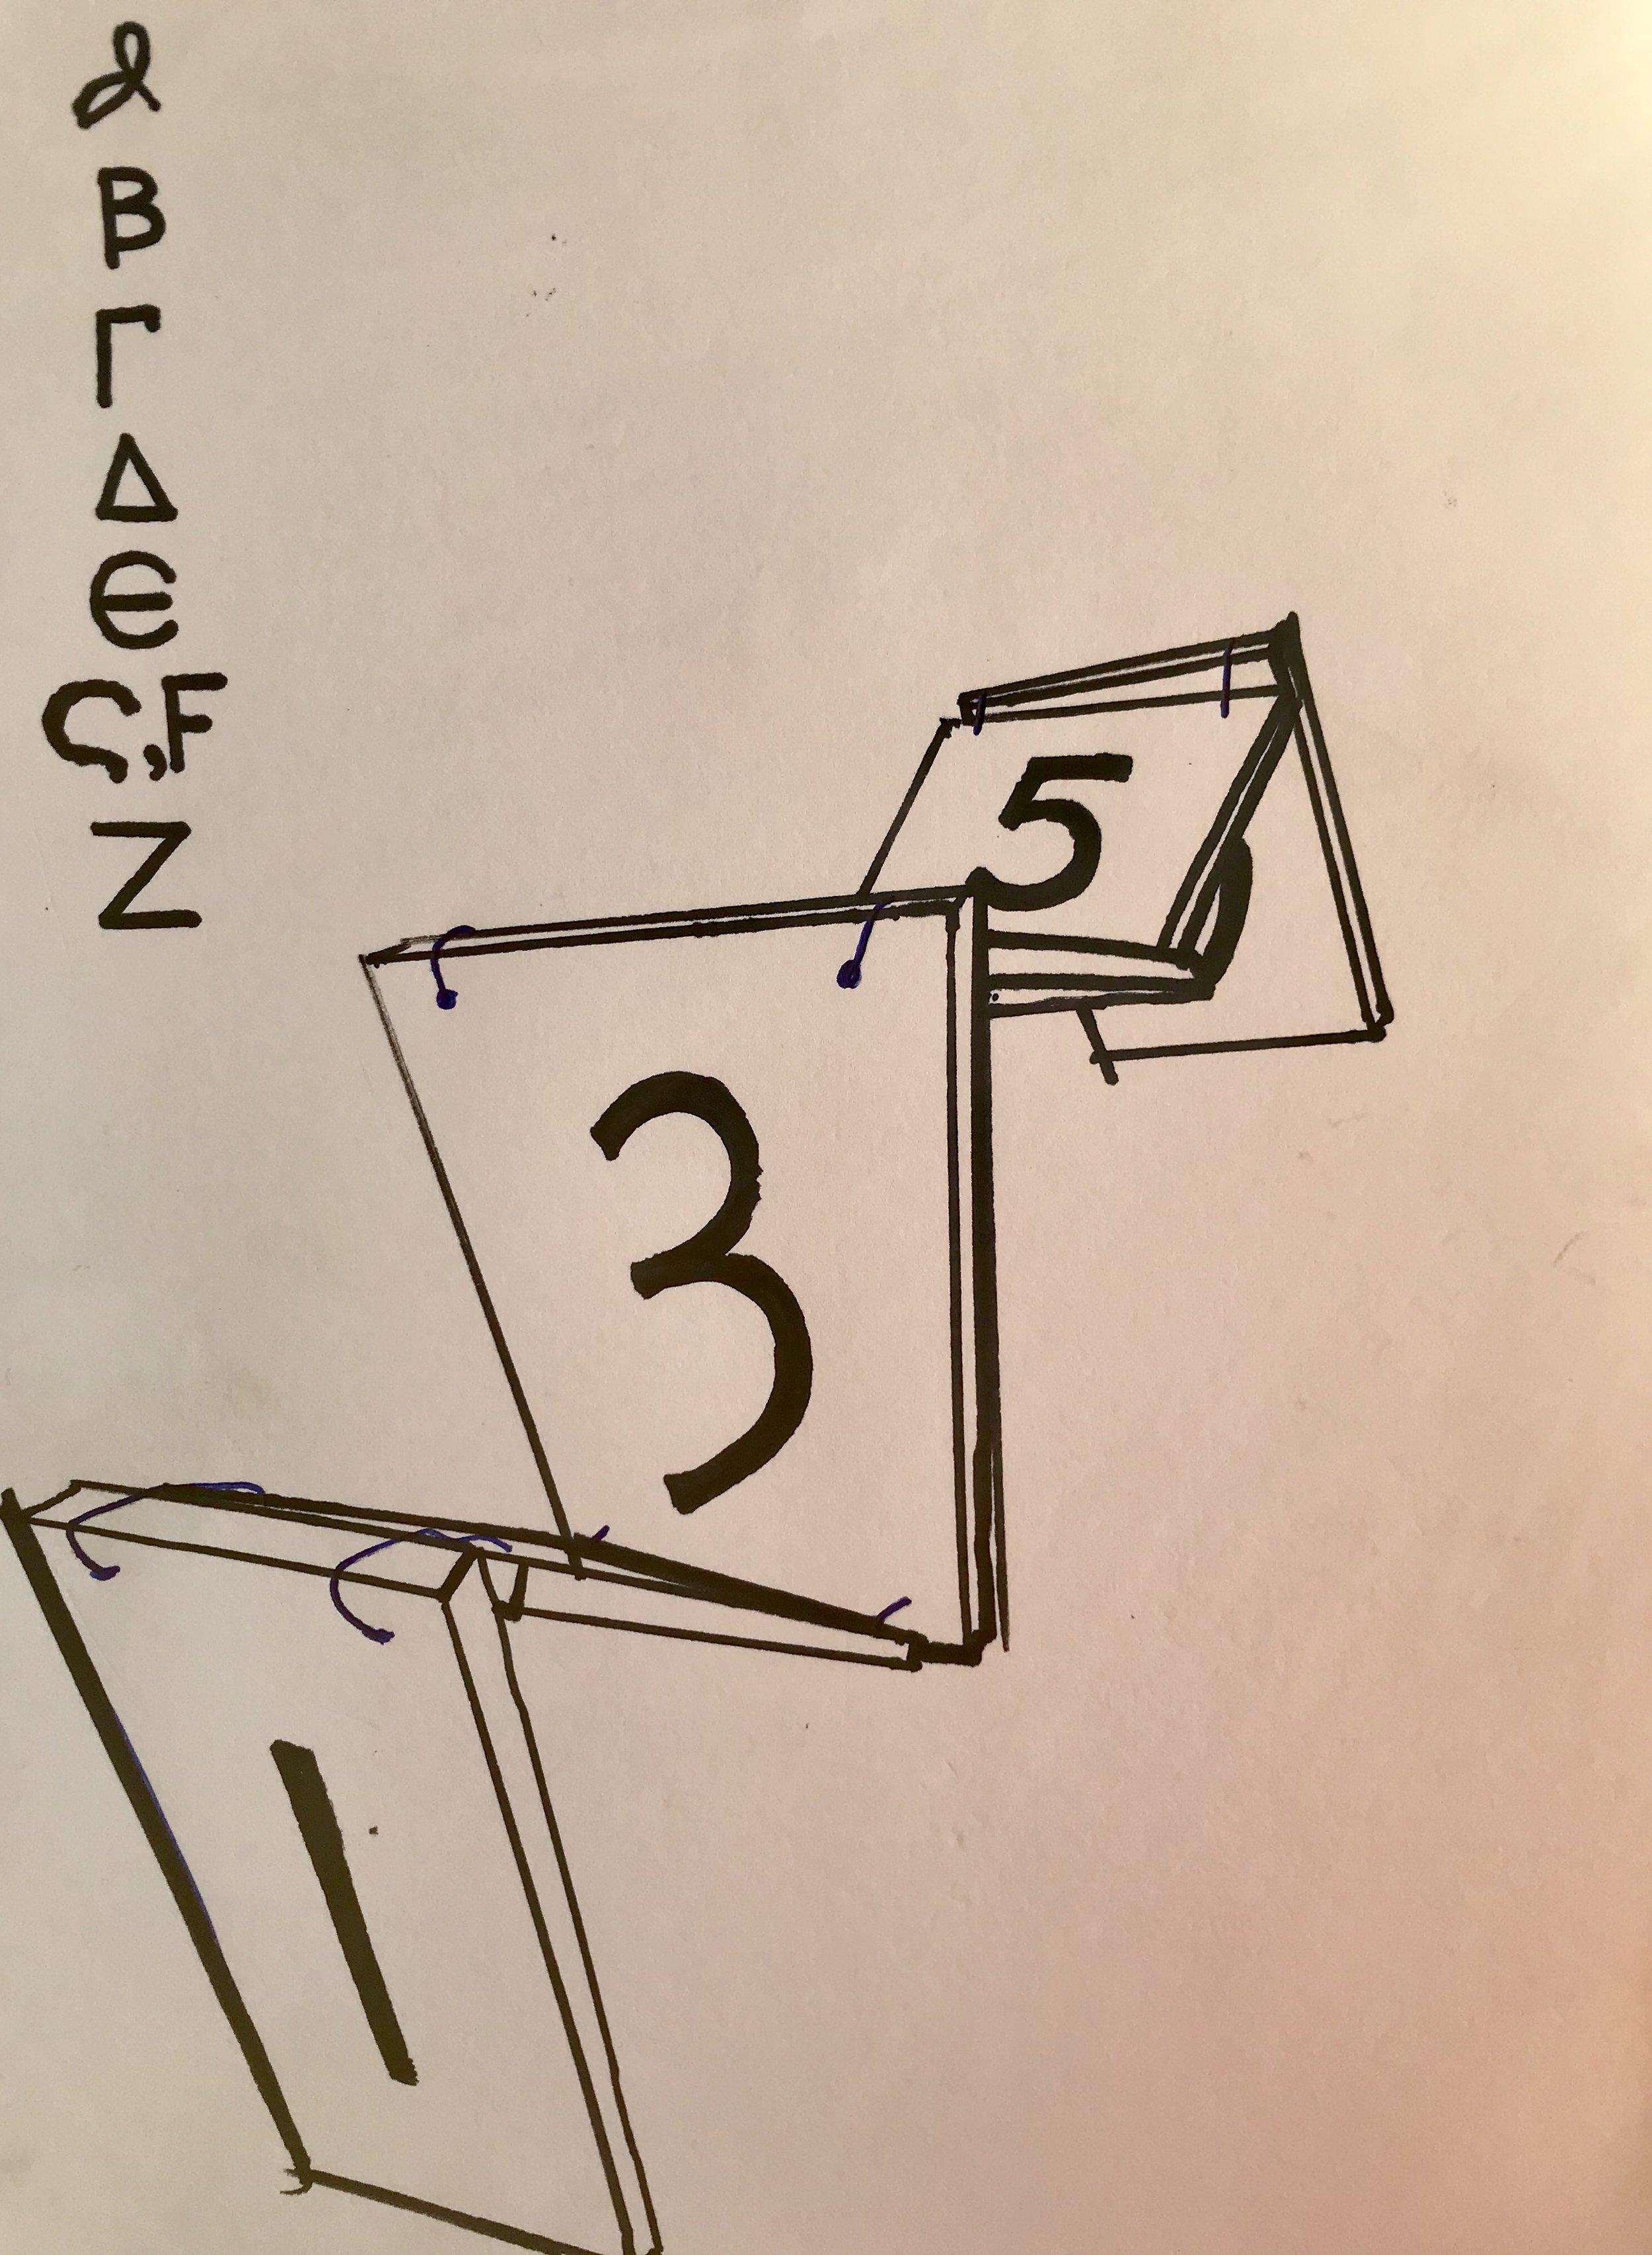 One through Seven